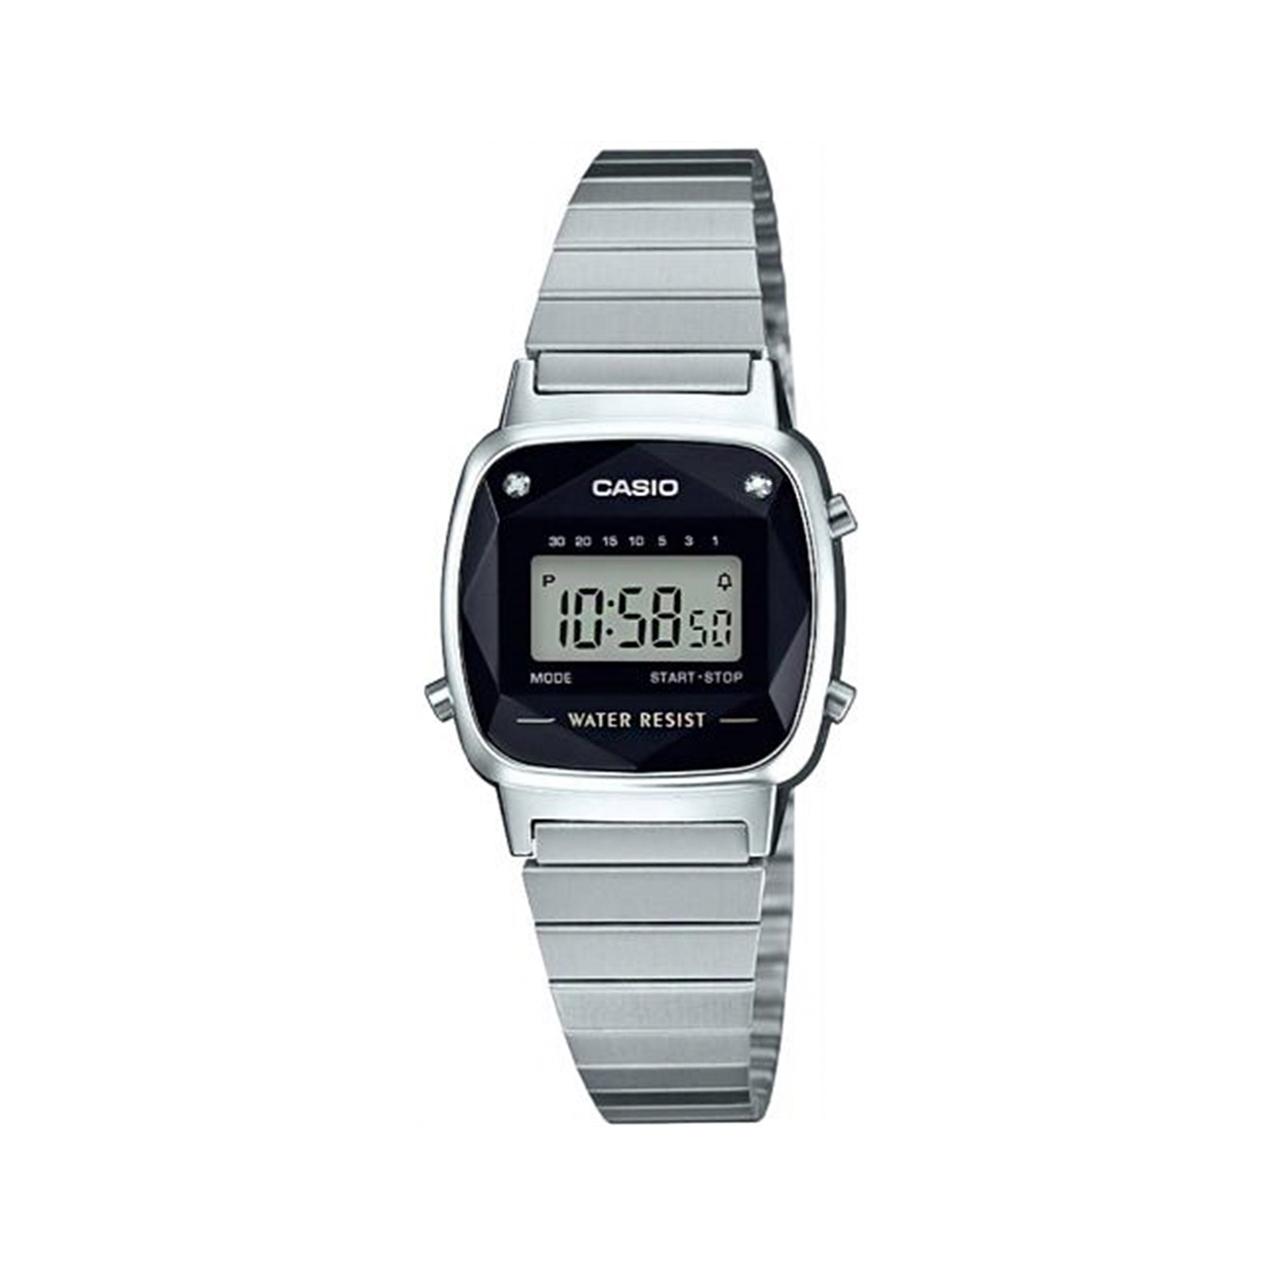 خرید ساعت مچی دیجیتالی زنانه کاسیو مدلLA670WAD-1DF